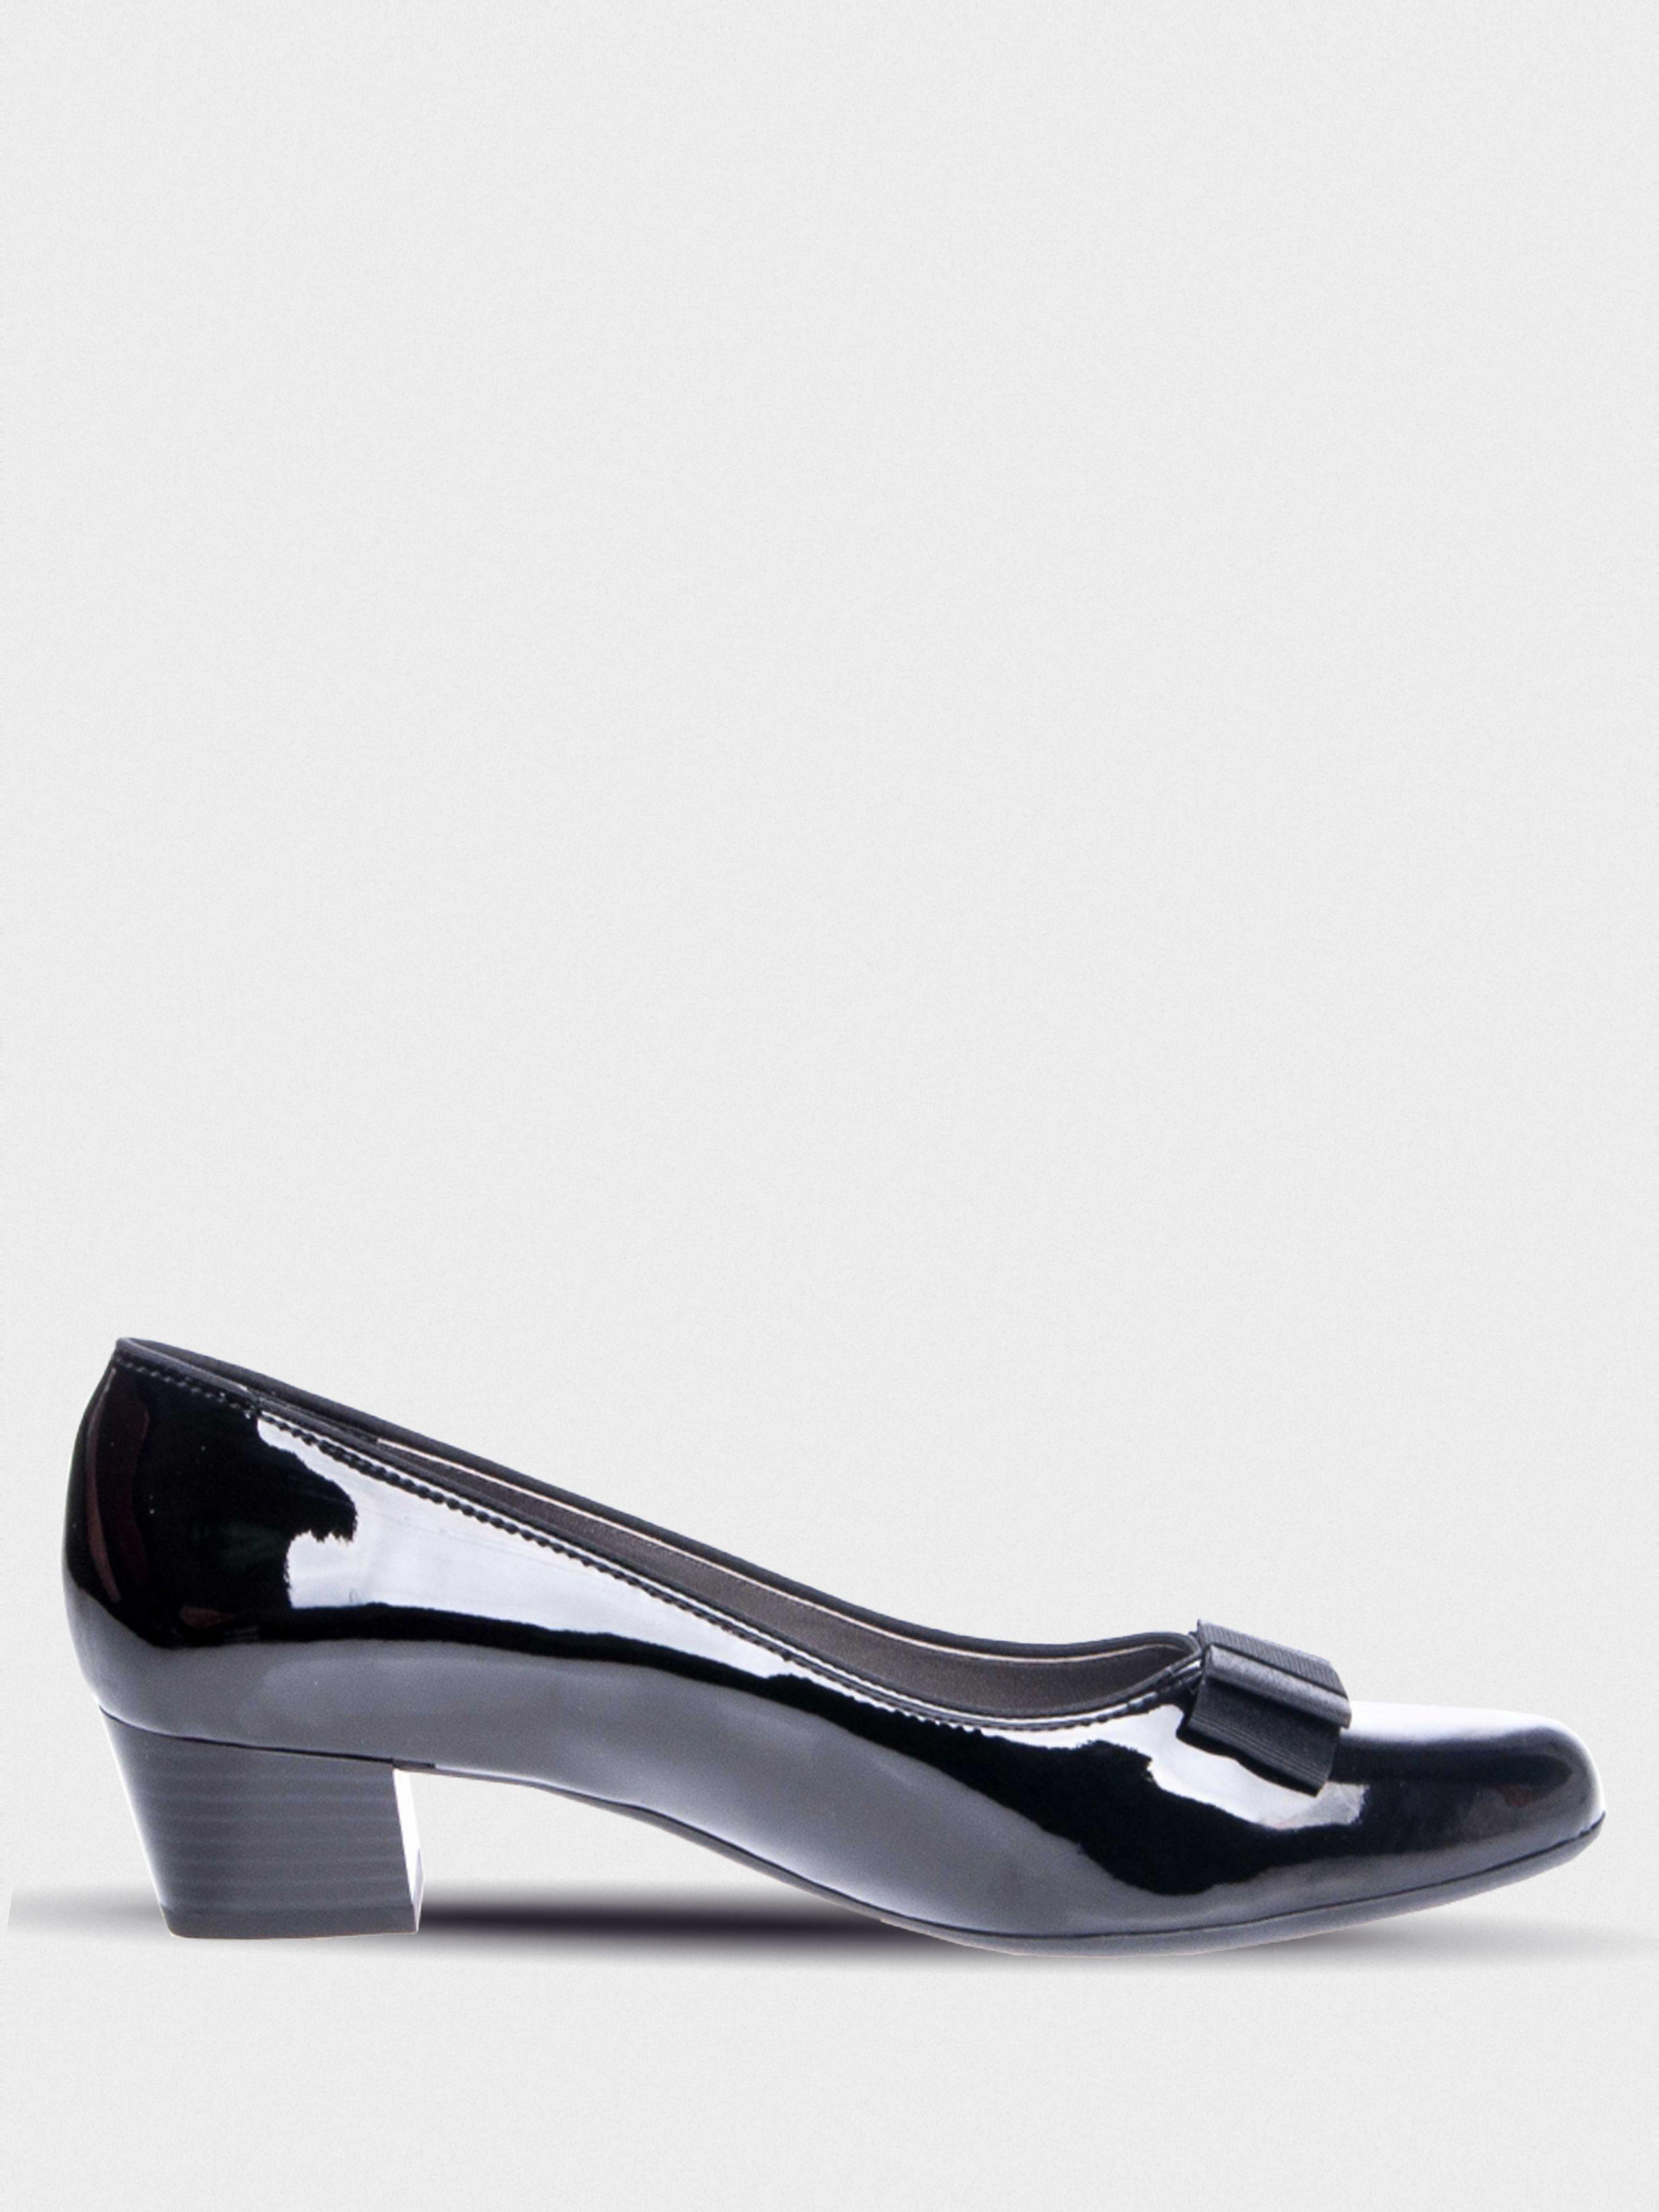 ARA Туфлі жіночі модель AA1121 - купити за найкращою ціною в Києві ... 5427e2b115501